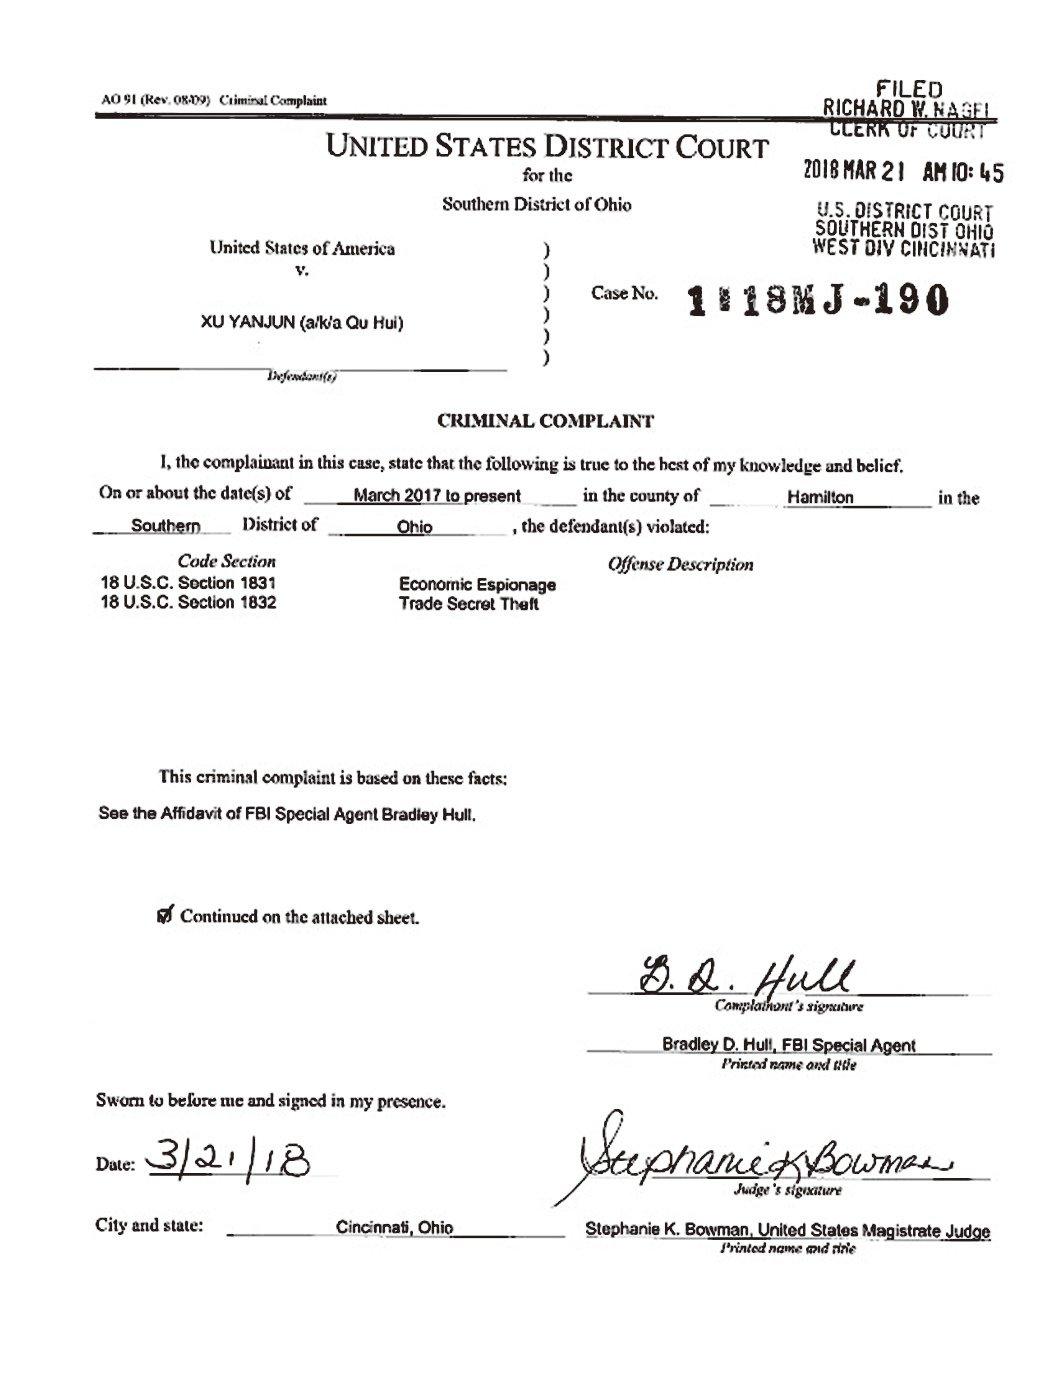 10月10日,美國司法部指控一名中共國安官員涉嫌竊取美國公司商業機密,並將他引渡至美國。圖為美國司法部公佈的文件。(美國司法部網站)